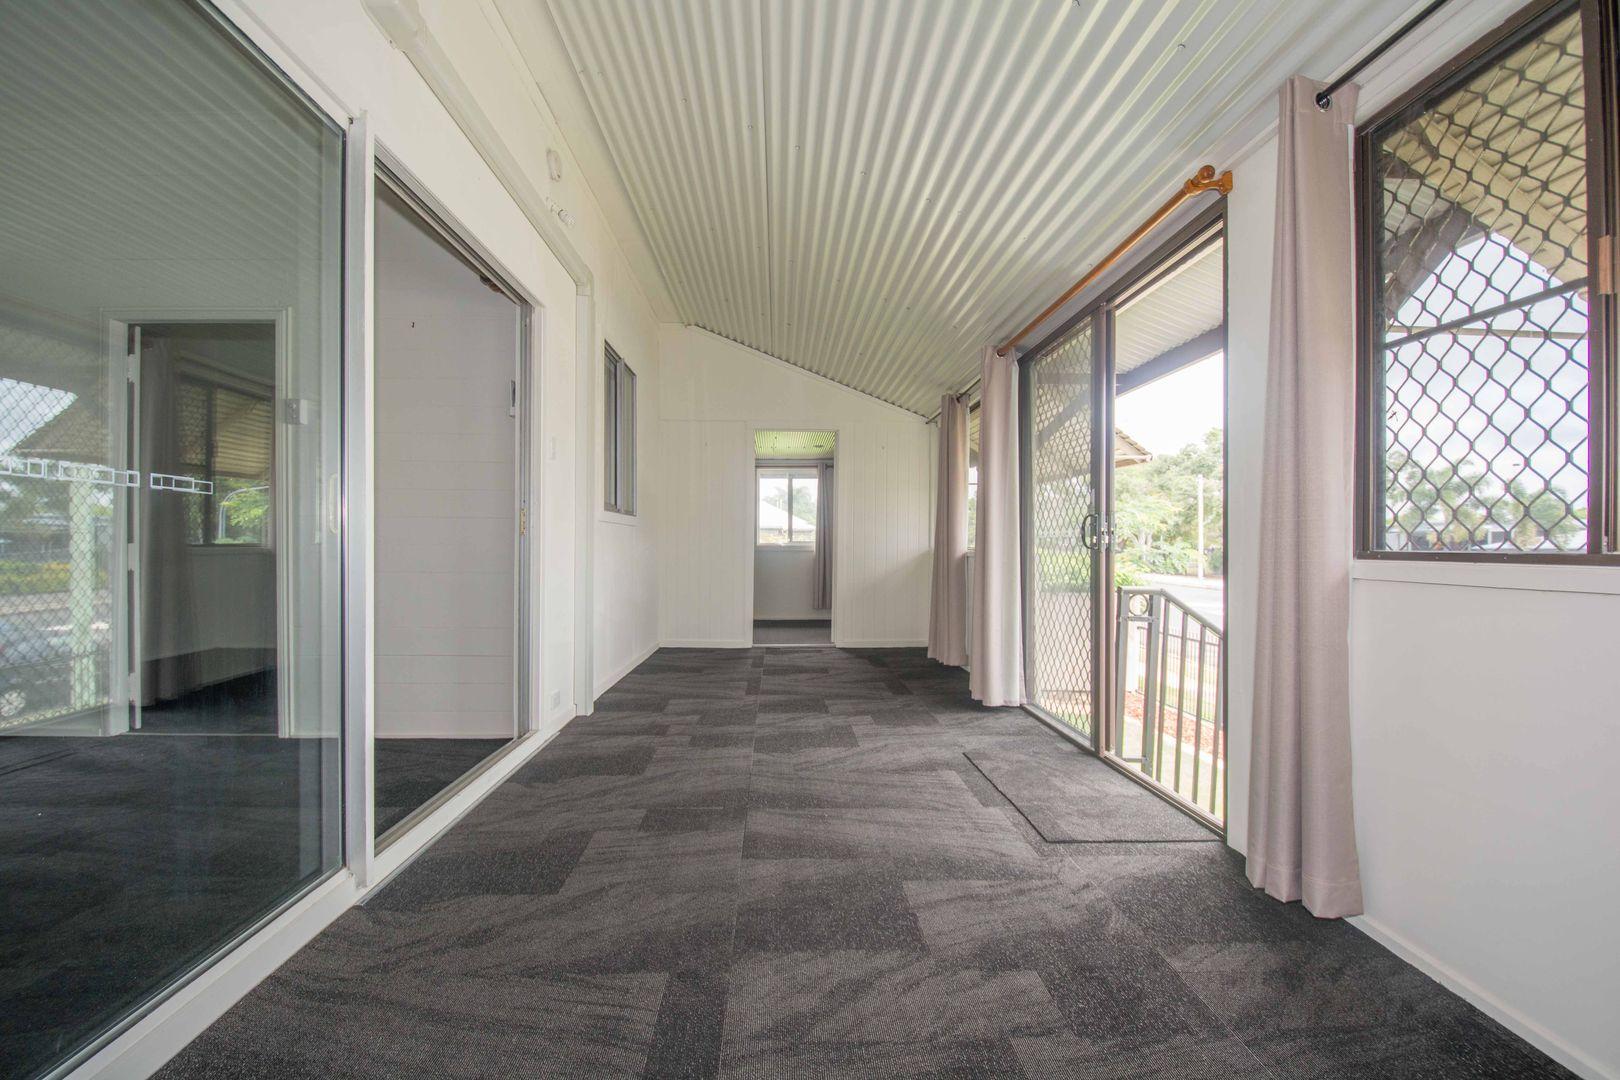 64 Maryborough Street, Bundaberg South QLD 4670, Image 2